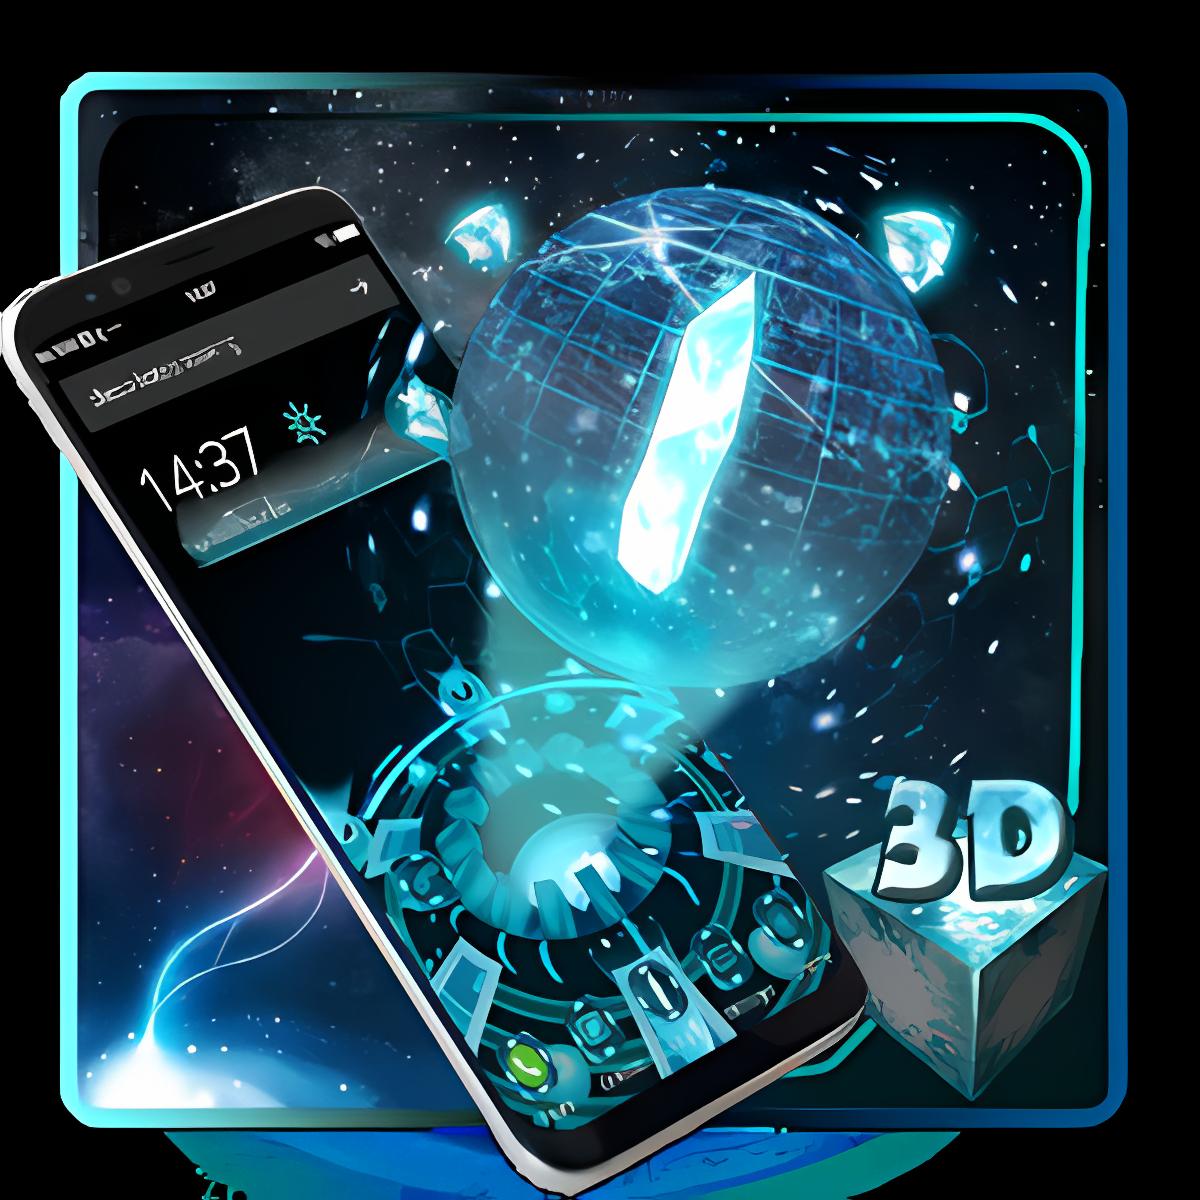 3D Next Tech 2 Plus Launcher 1.1.2